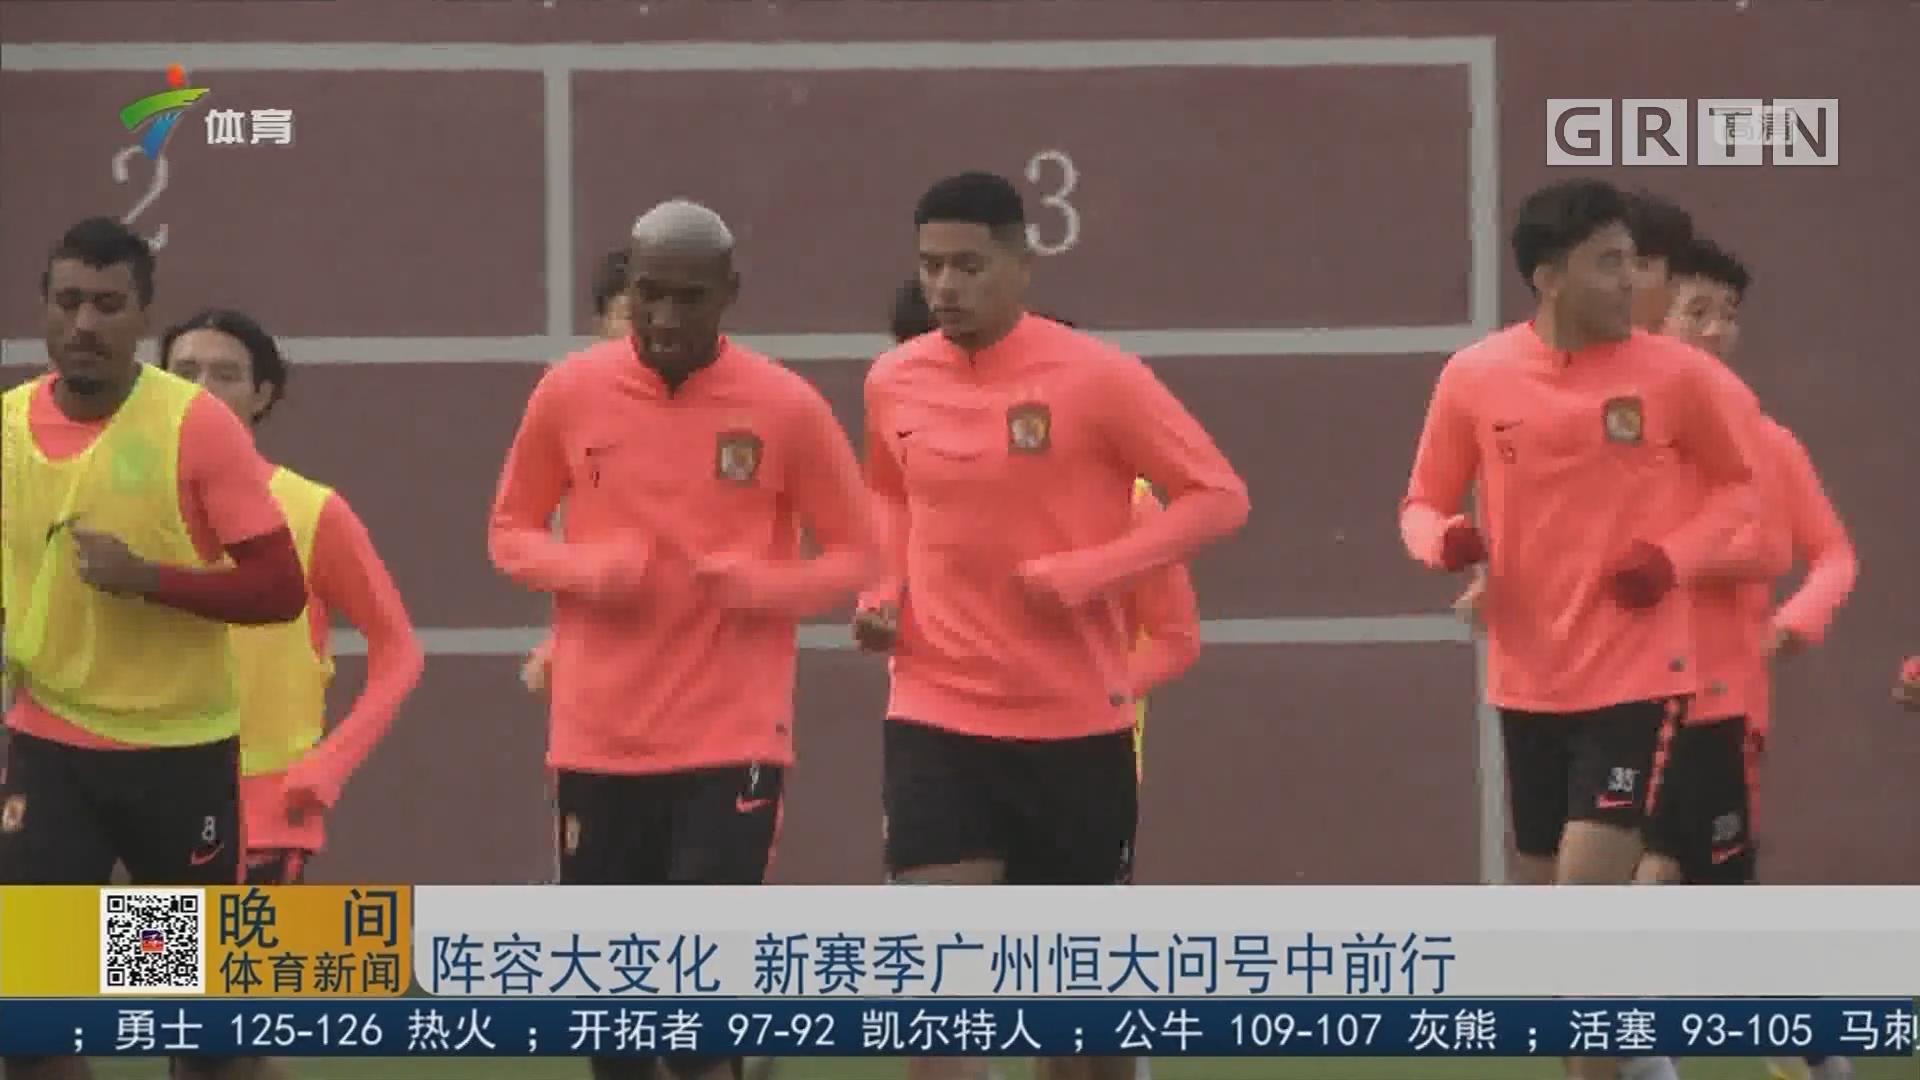 阵容大变化 新赛季广州恒大问号中前行